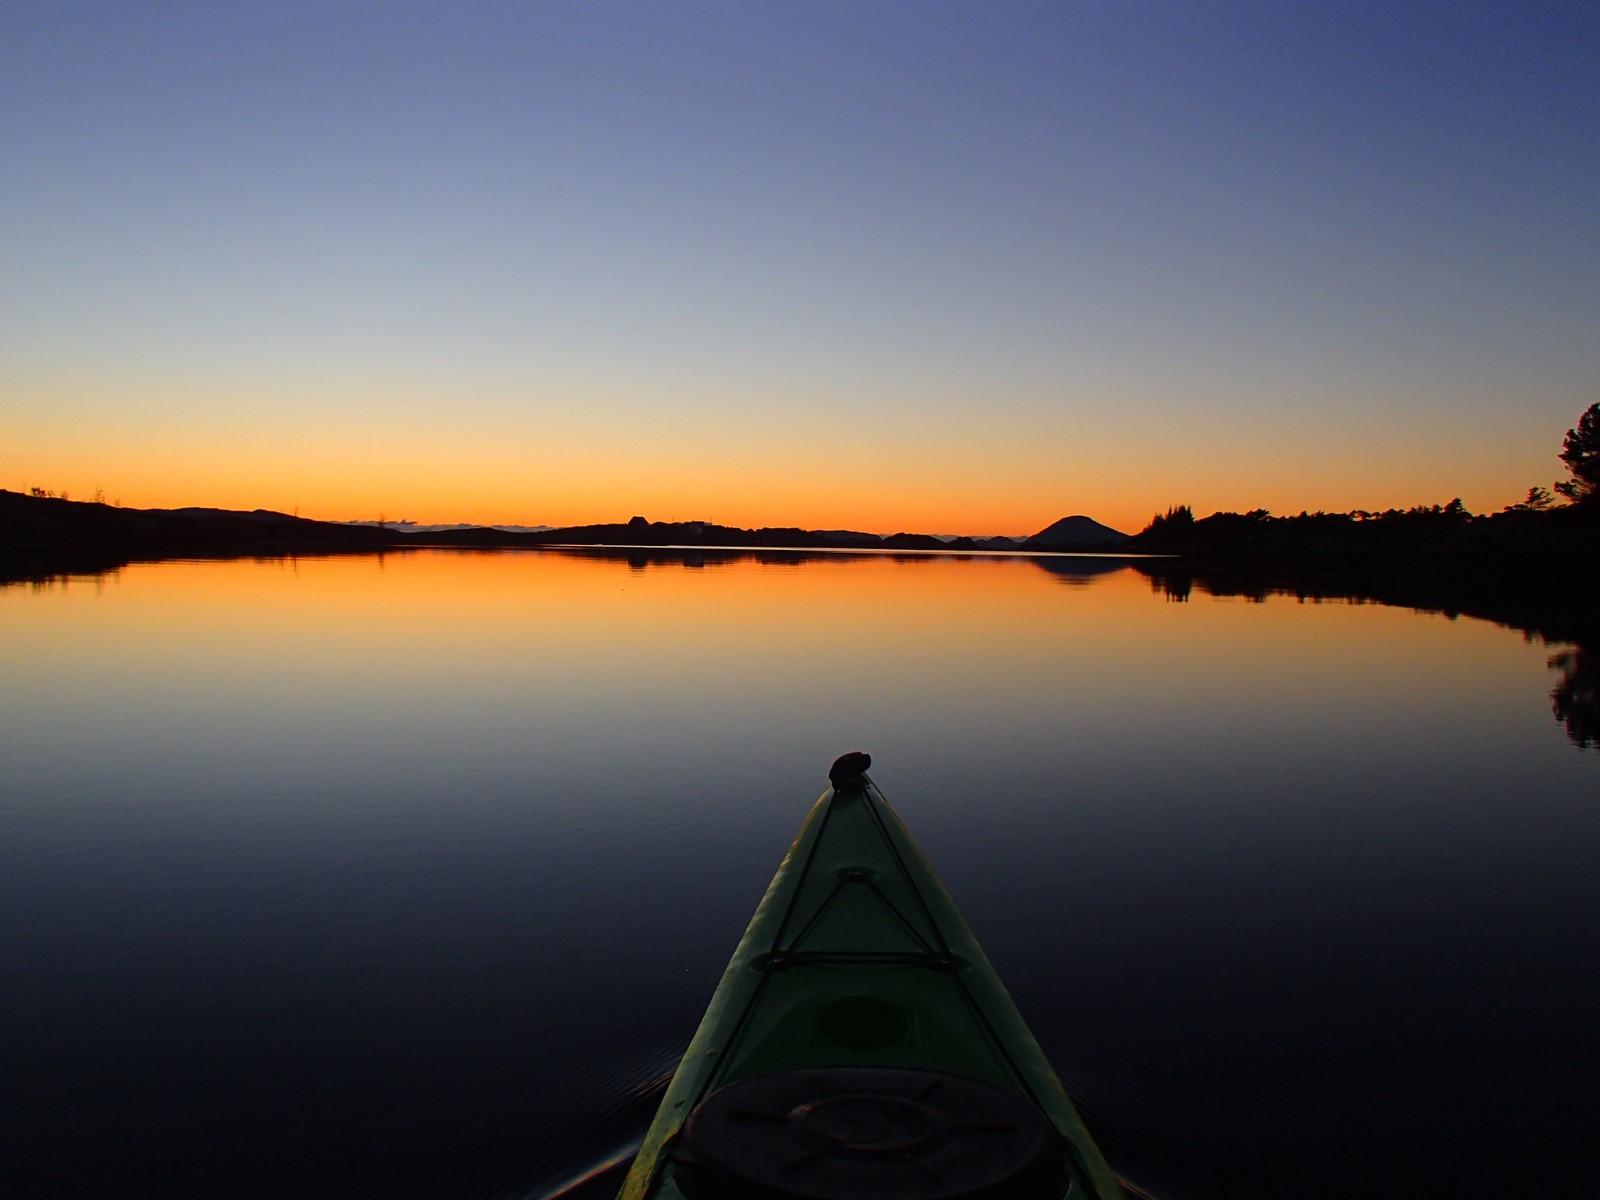 Padling i solnedgang Lanøysundet Stavøya.